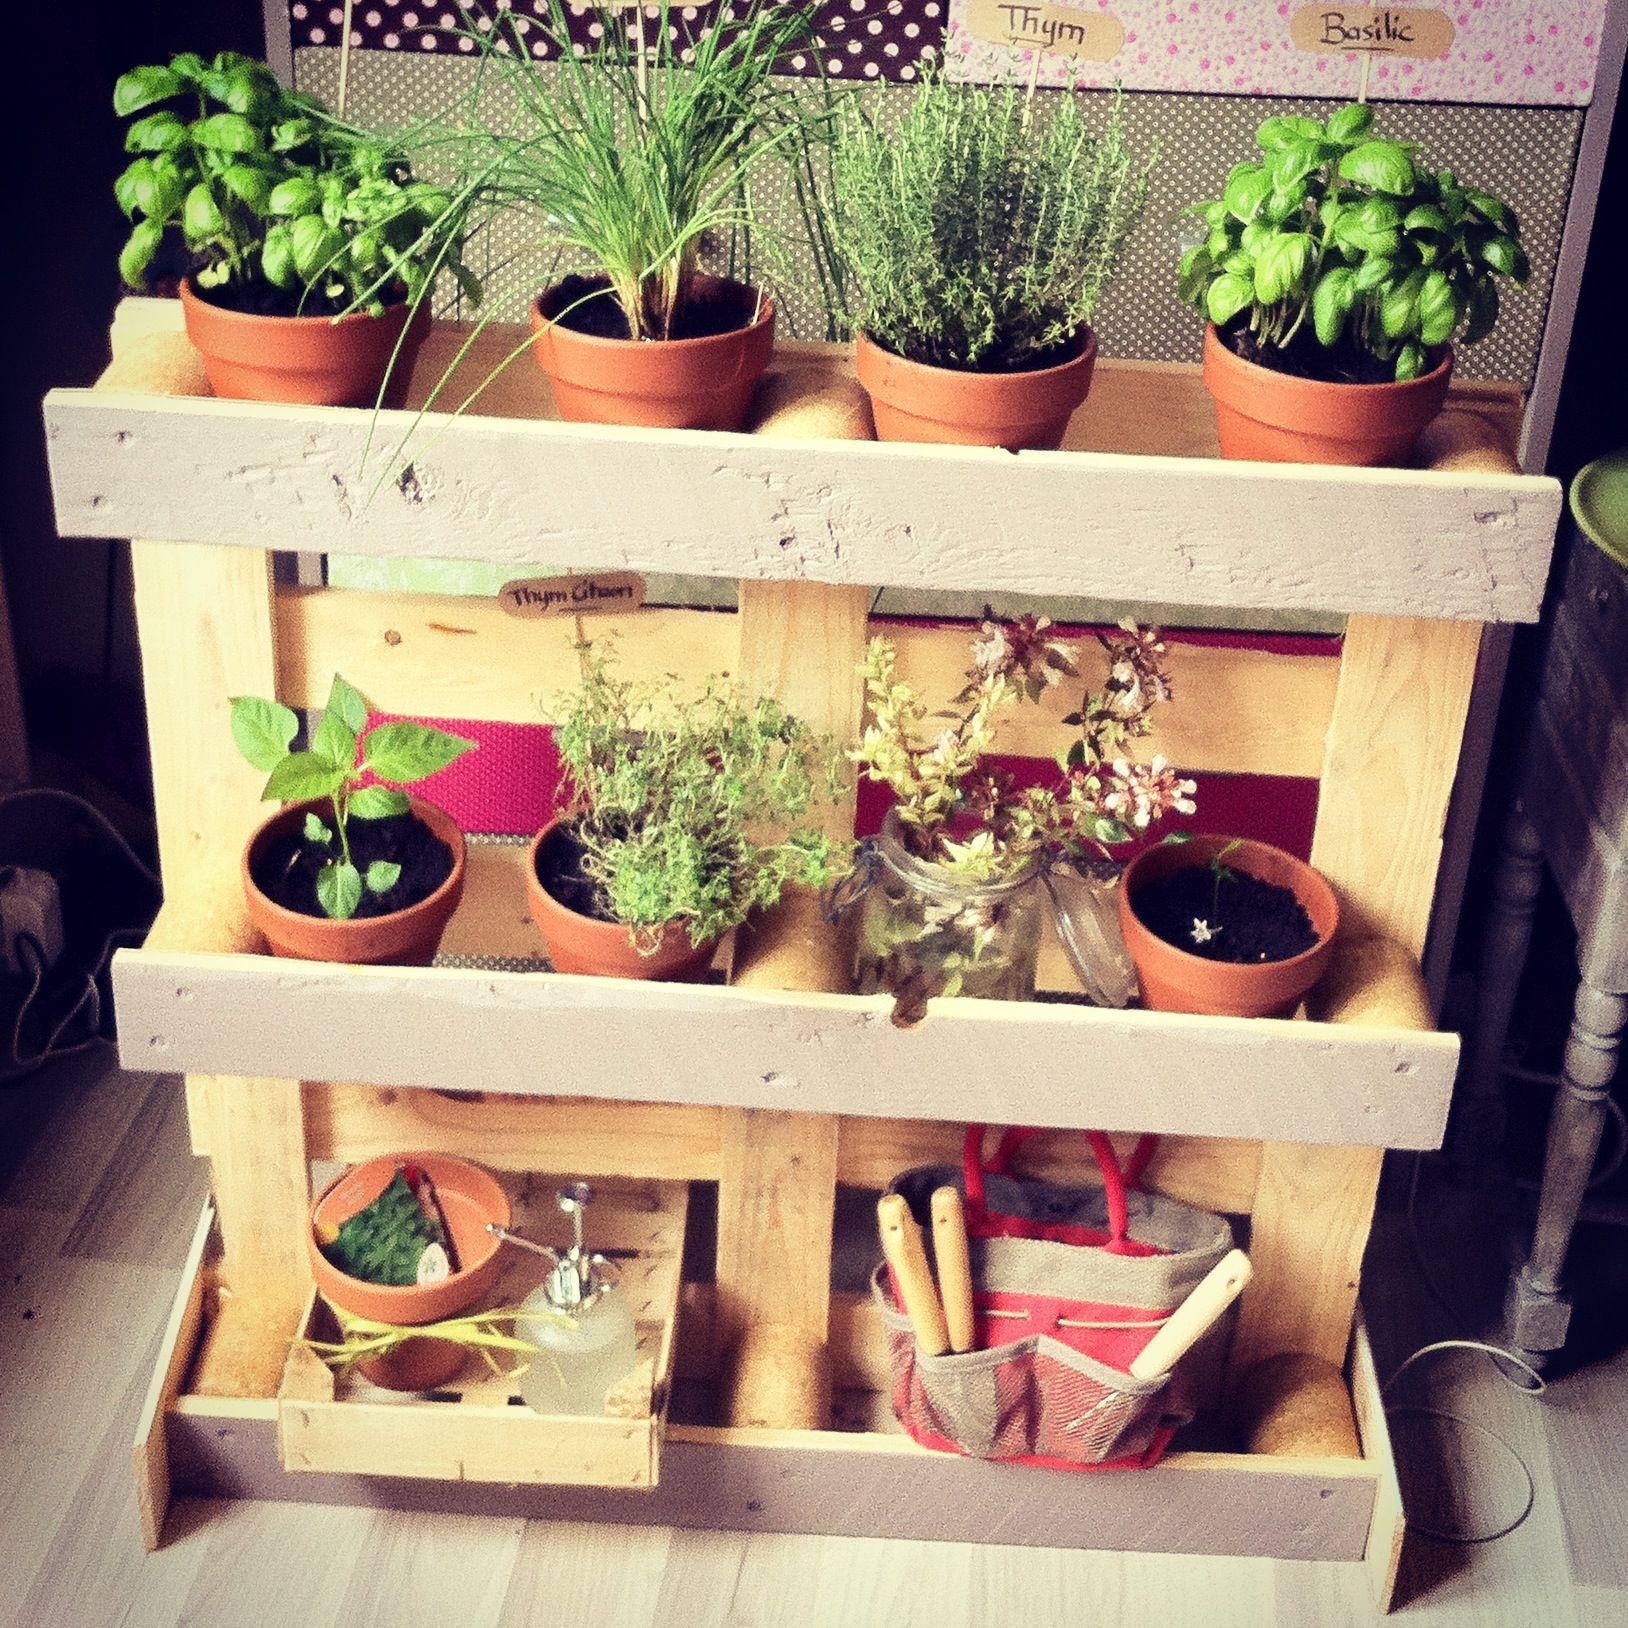 Nu0027ayant Pas De Jardin Ju0027ai Décidé De Me Fabriquer Un Petit Jardin Du0027 Intérieur Composé Majoritairement De Plantes Aromatiques, Très Utiles En  Cuisine!